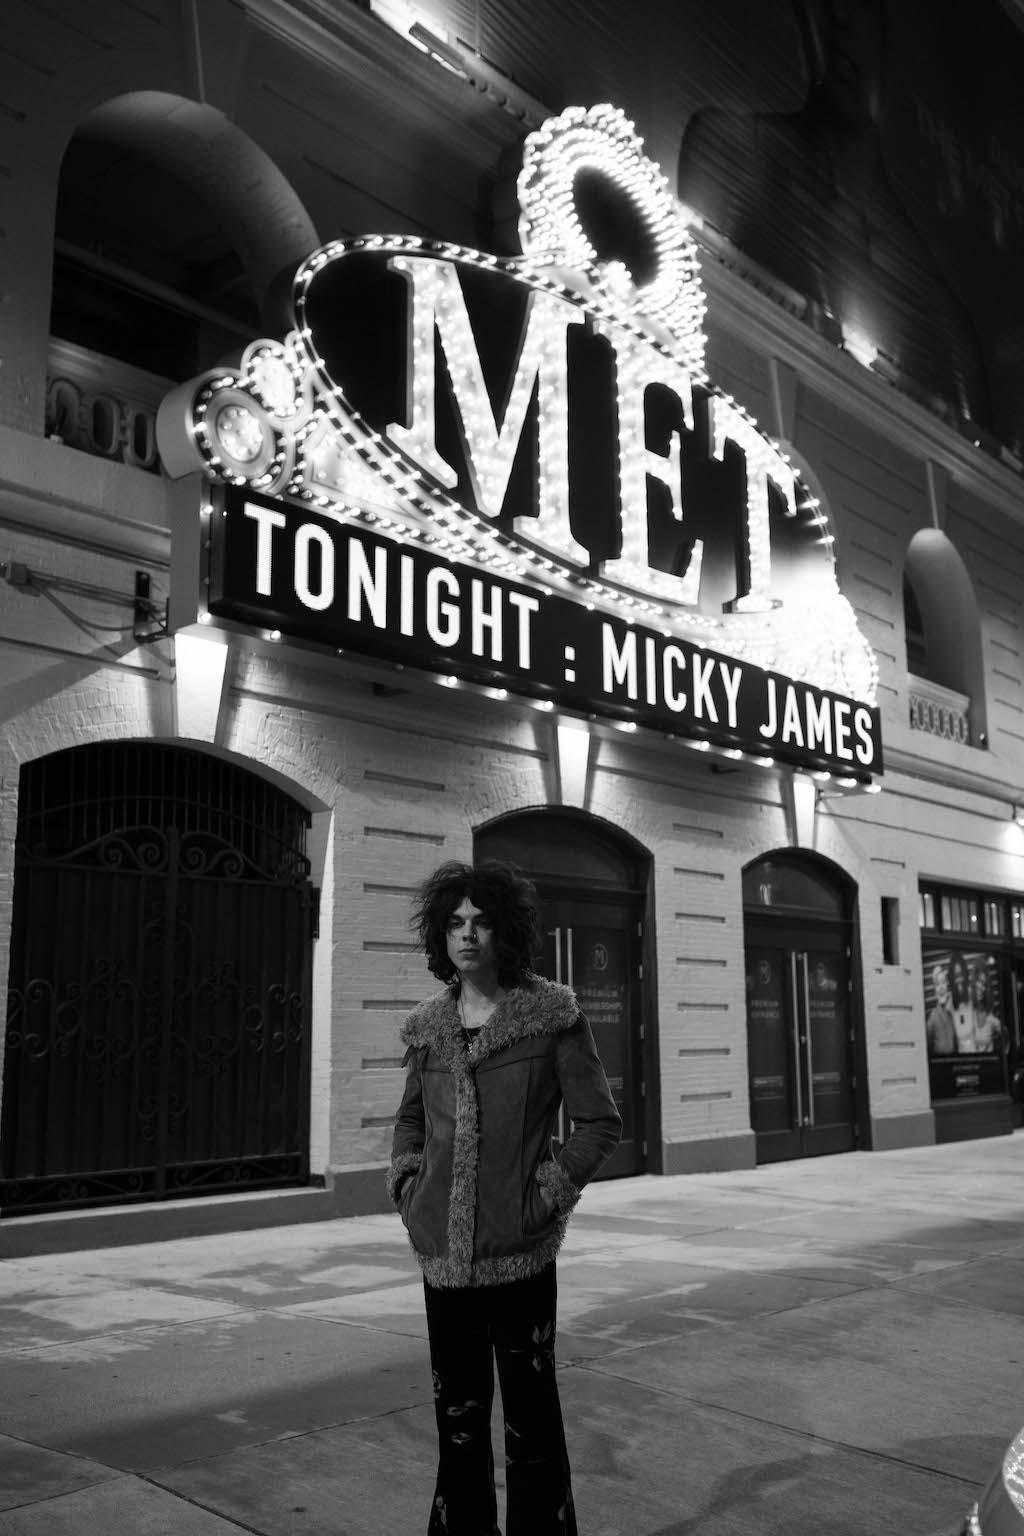 Micky James